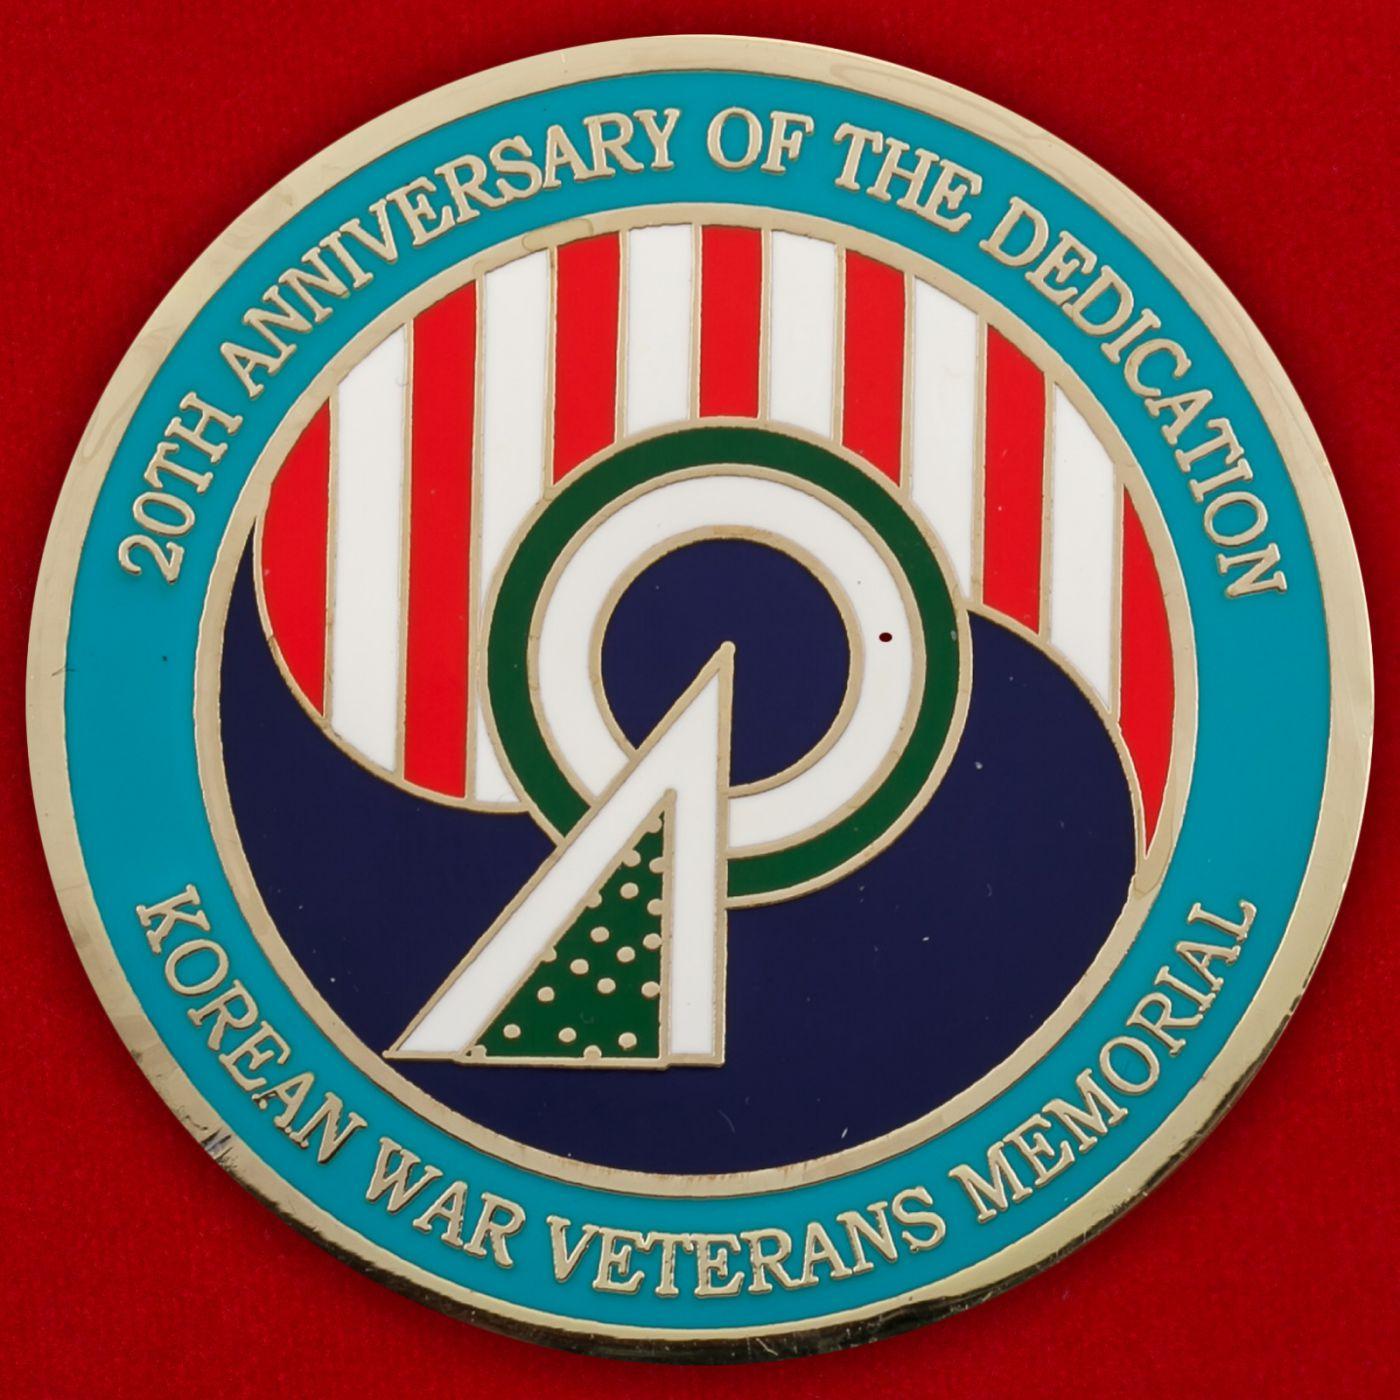 Челлендж коин к 20-летию Мемориала ветеранов Корейской войны в Вашингтоне